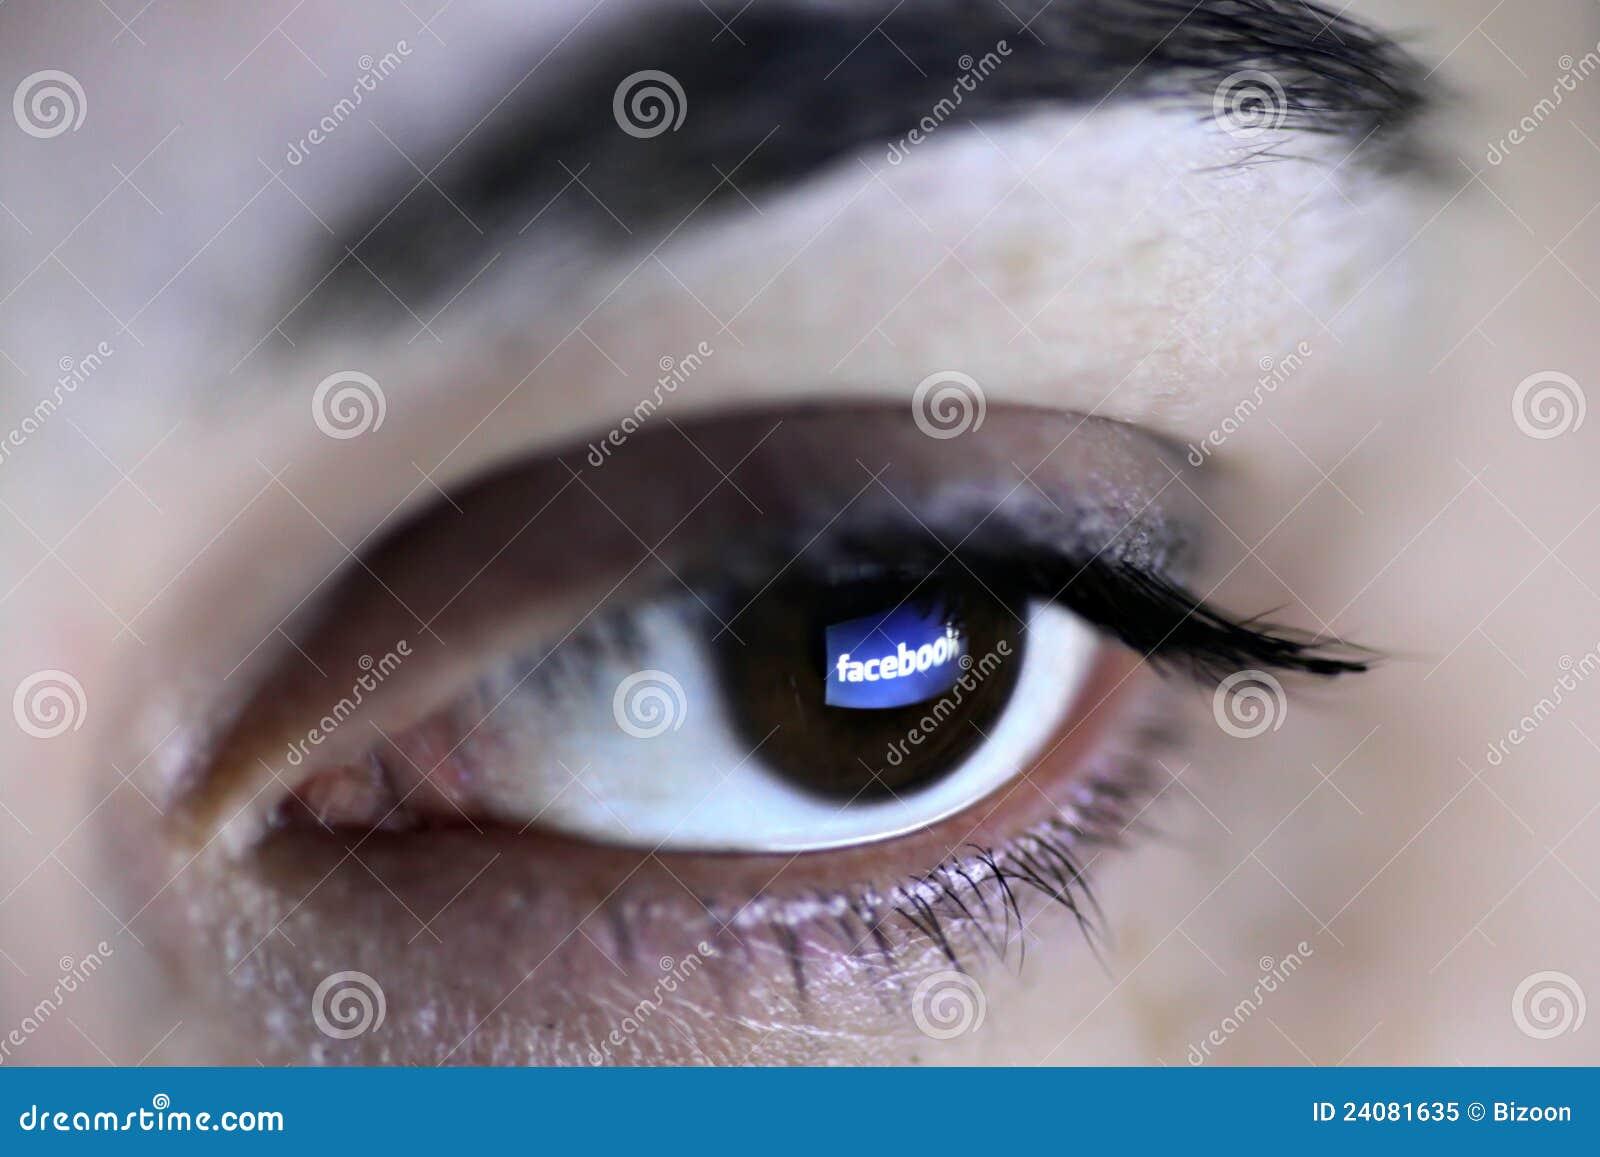 Facebook眼睛